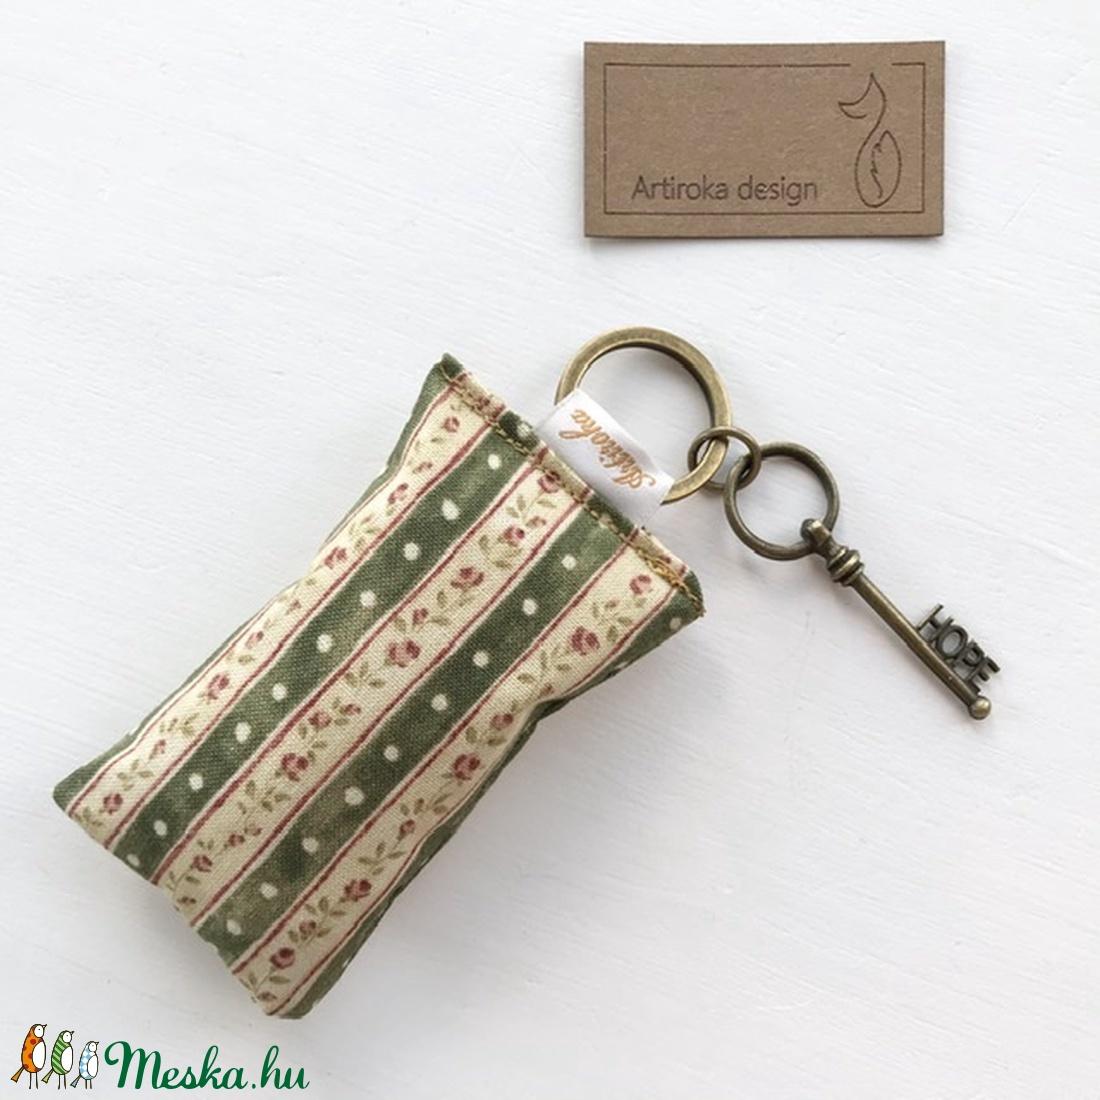 Rózsás kulcstartó kis vintage kulccsal - Hope azaz remény kulcs medállal -  Artiroka design (Mesedoboz) - Meska.hu